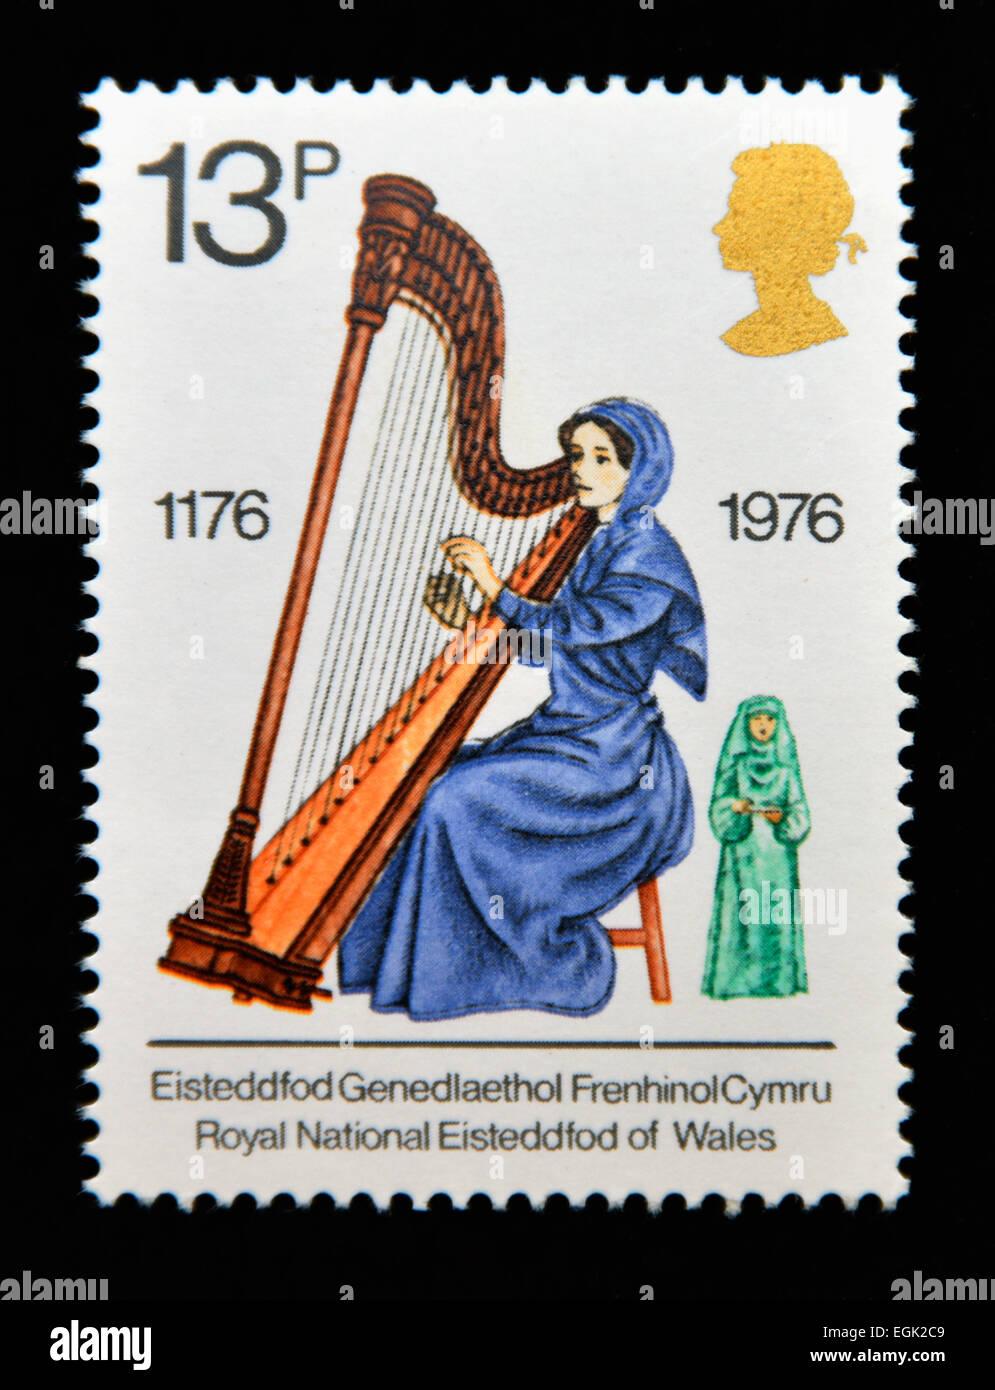 Francobollo. La Gran Bretagna. La regina Elisabetta II. 1976. British tradizioni culturali. Arpista gallese. Immagini Stock